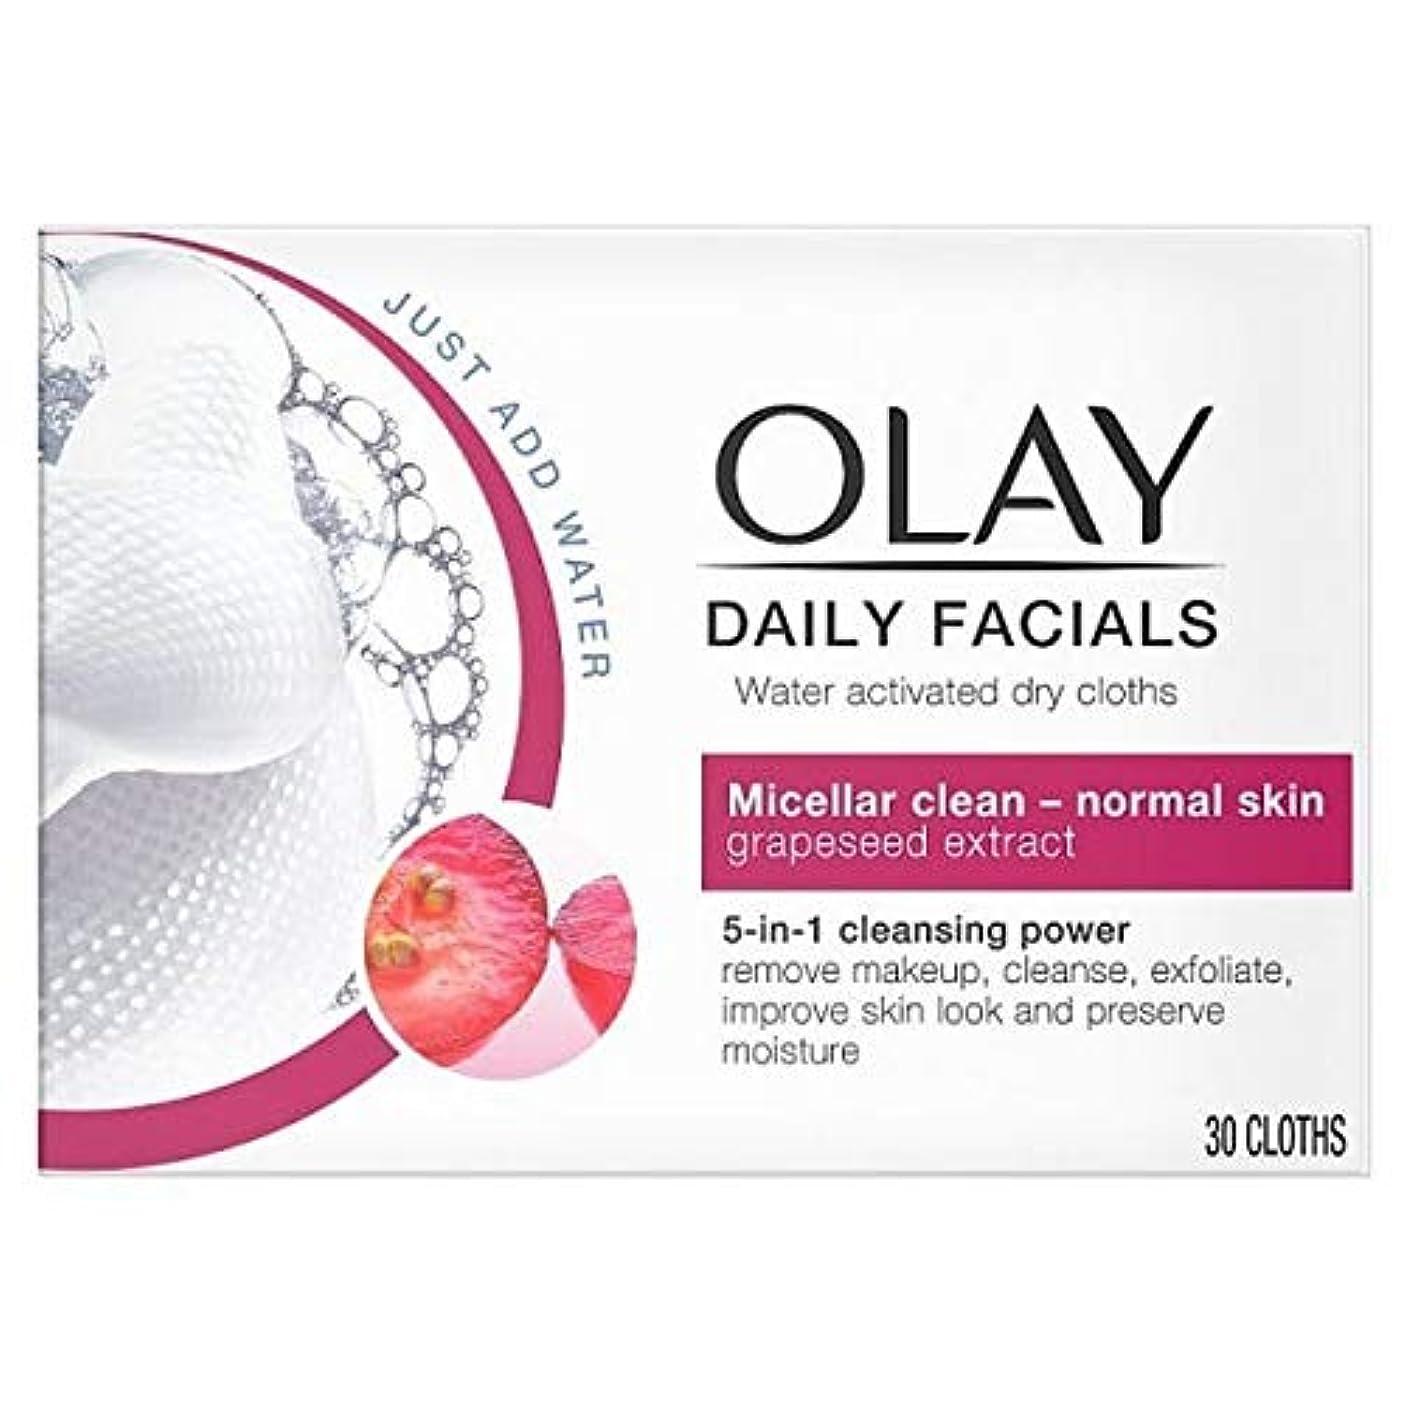 憂慮すべきフェデレーション[Olay ] オーレイ毎日フェイシャル5-In1は乾燥布 - 正常な皮膚 - Olay Daily Facials 5-in1 Dry Cloths - Normal Skin [並行輸入品]